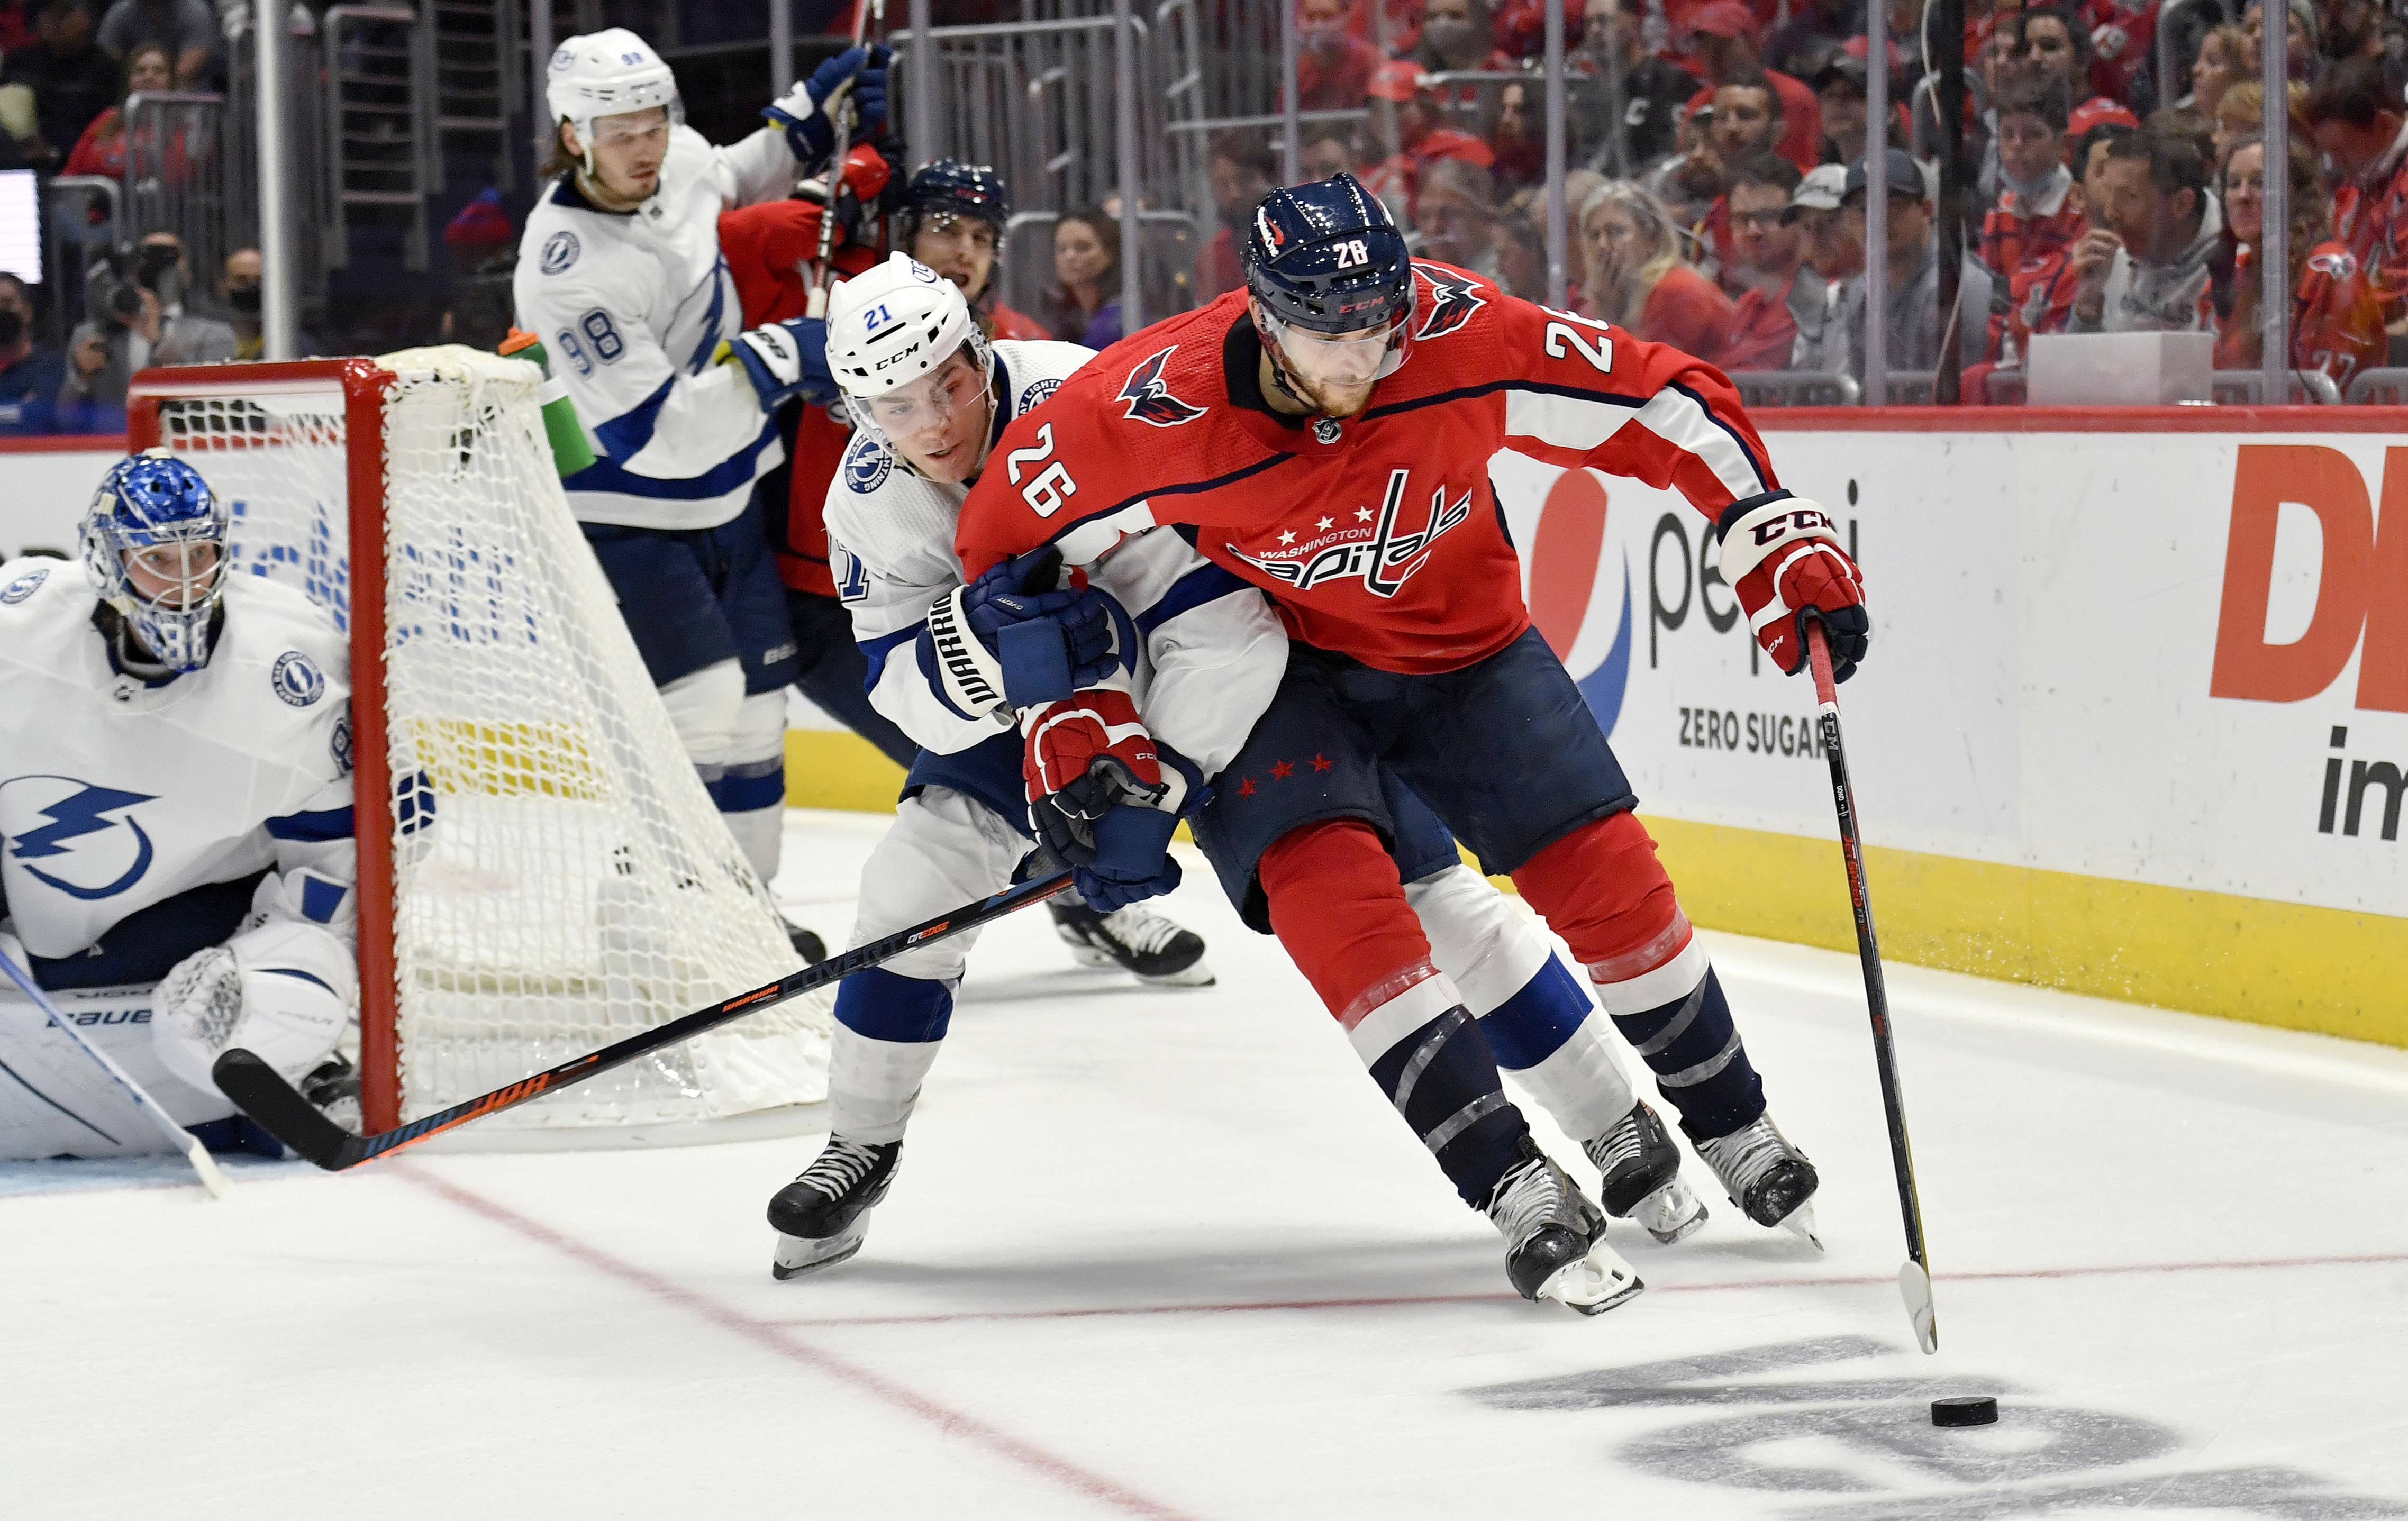 NHL: OCT 16 Lightning at Capitals